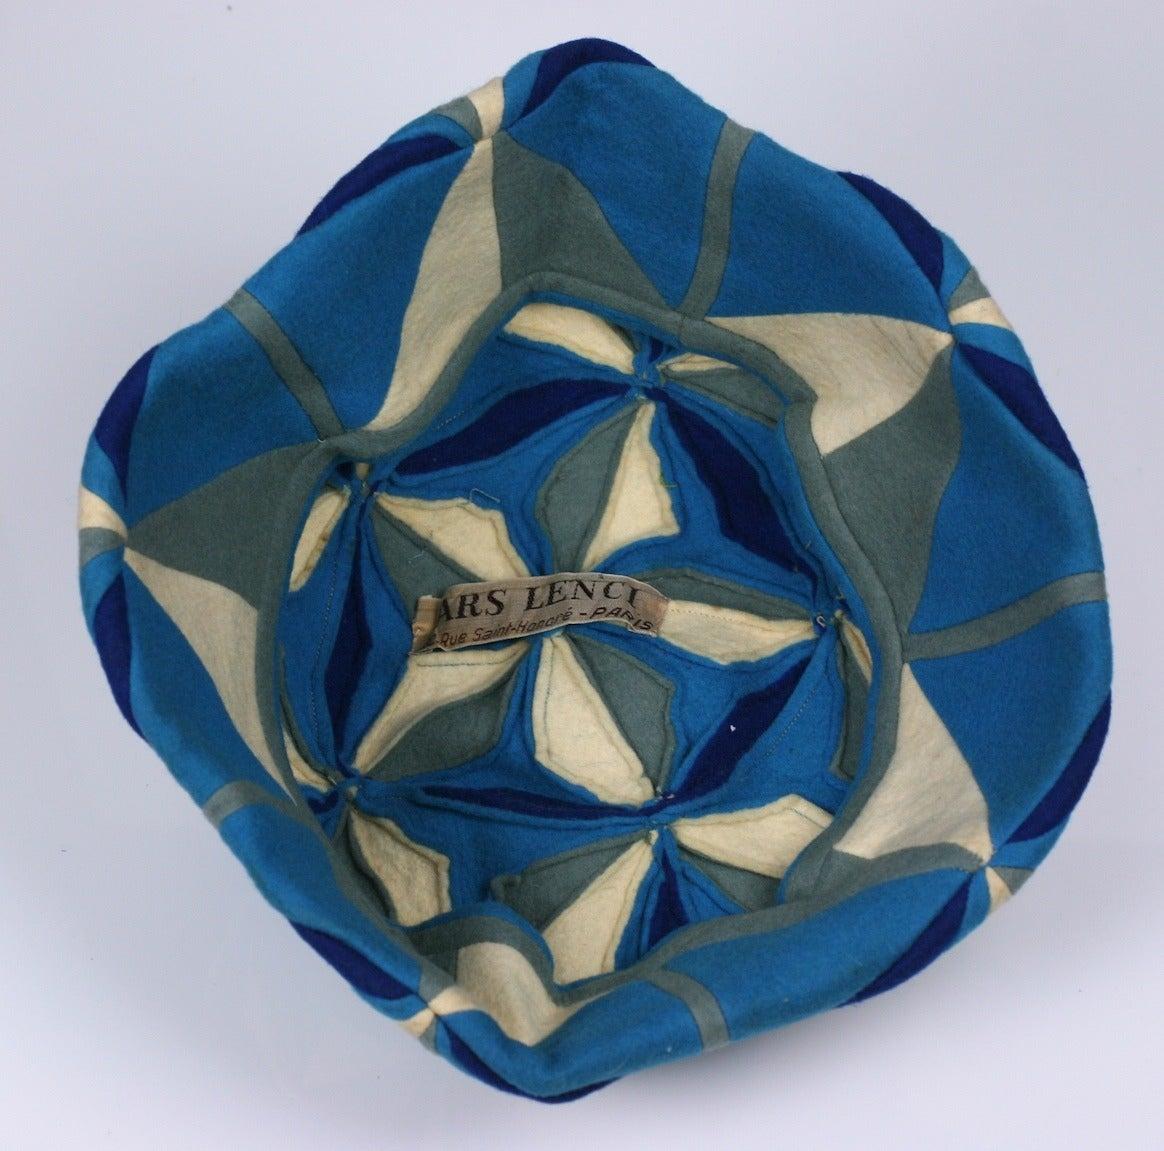 Men's Lenci Art Deco Cubist Wool Beret For Sale